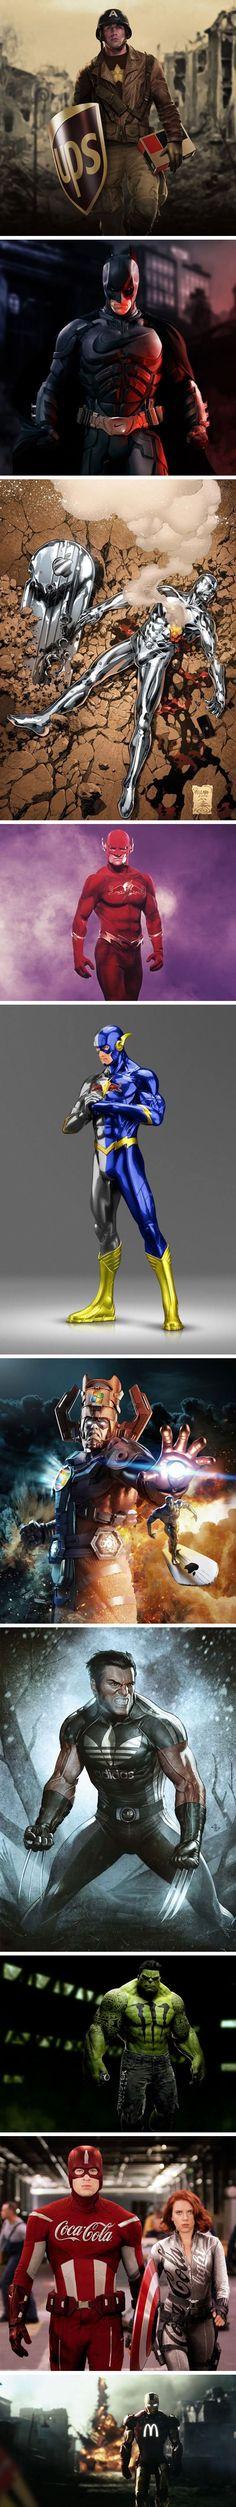 #SacaBien: 12 superhéroes que tuvieron que aceptar auspicio - Diviértete - Espacio360